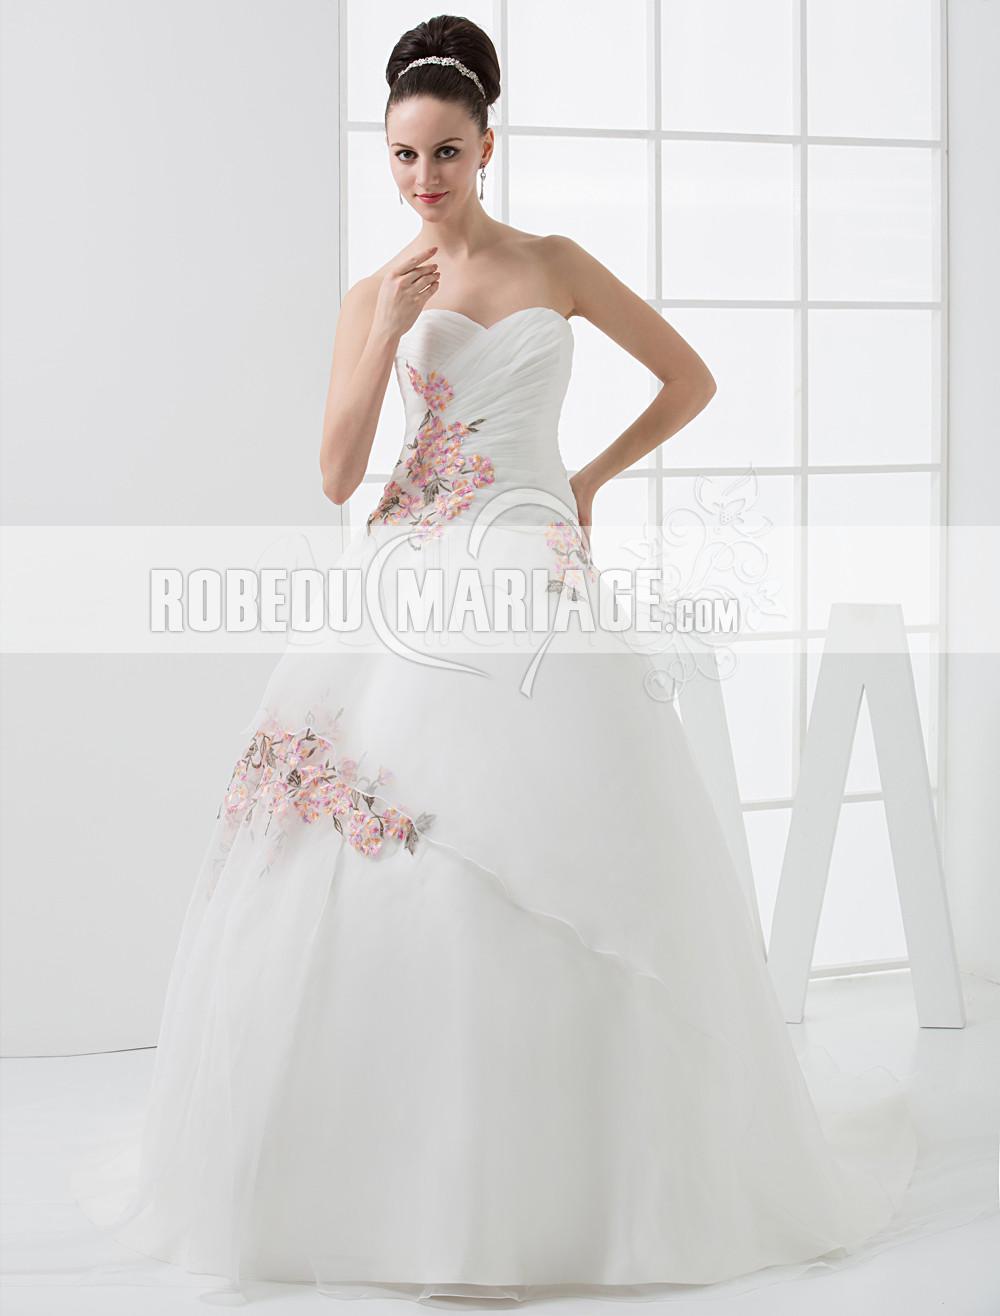 Accueil > Robe de mariage > Robe de mariage en couleur > Robe de ...